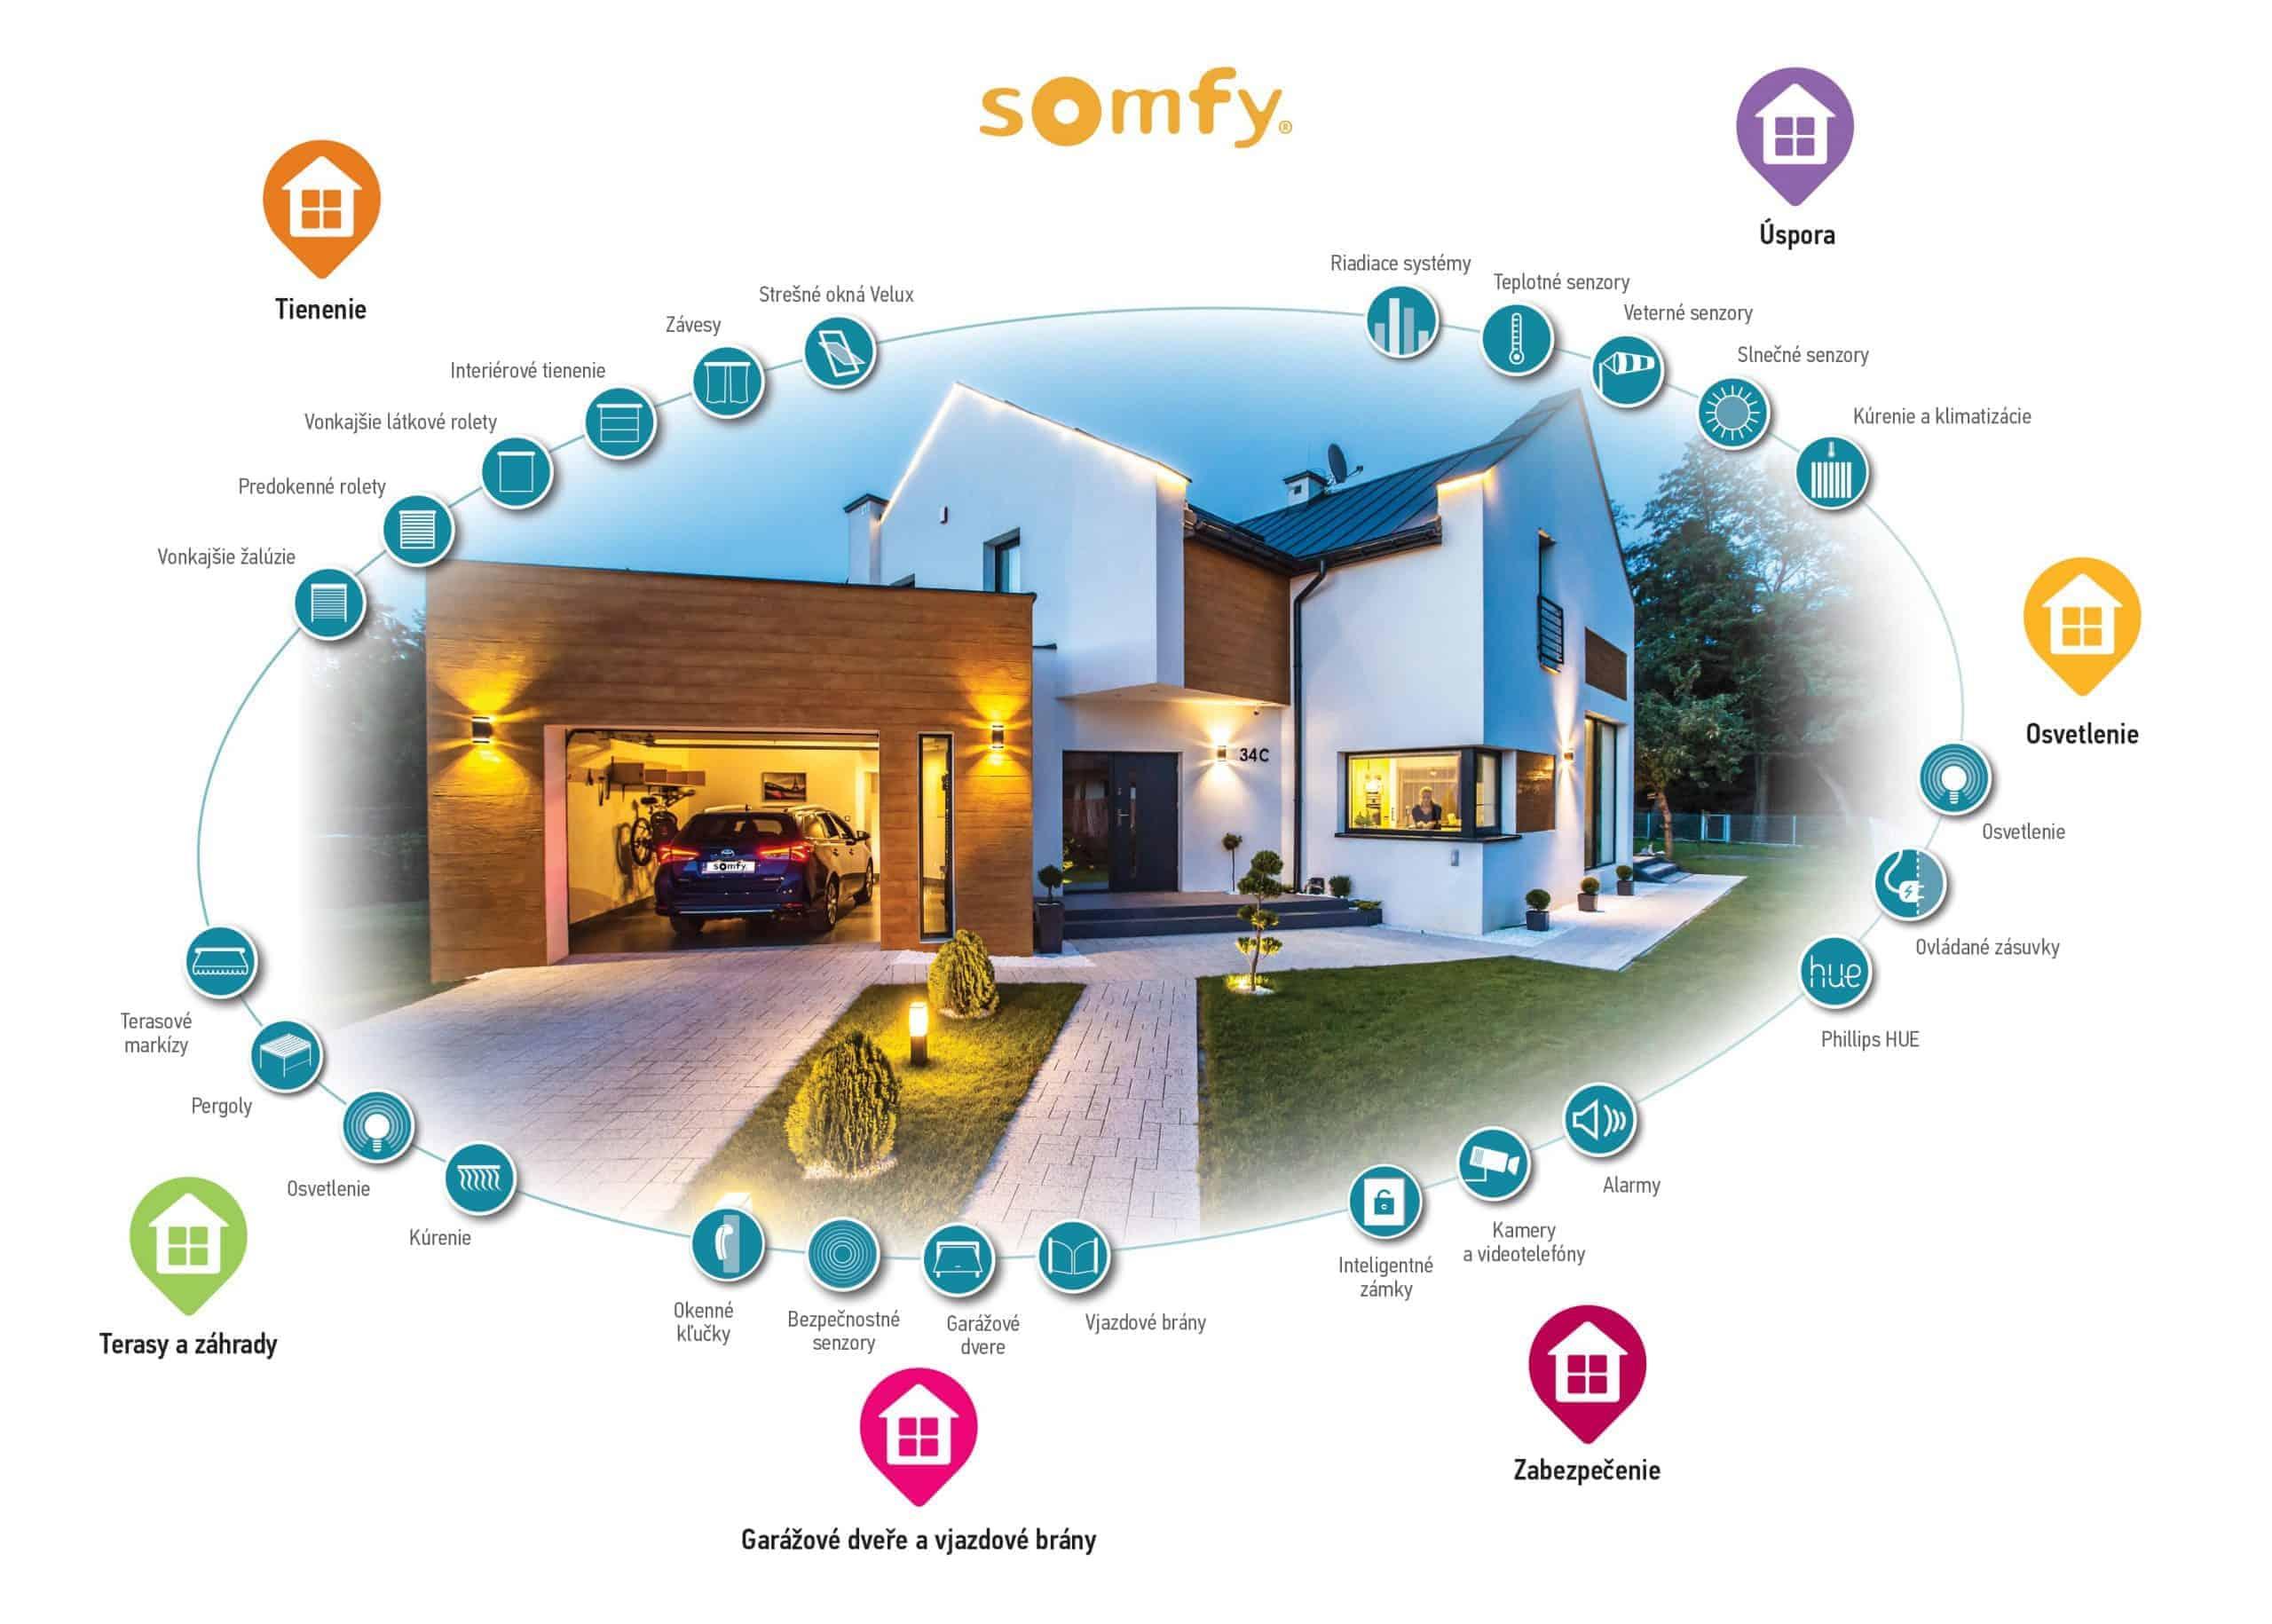 Foto Somfy - automatizácia domácnosti